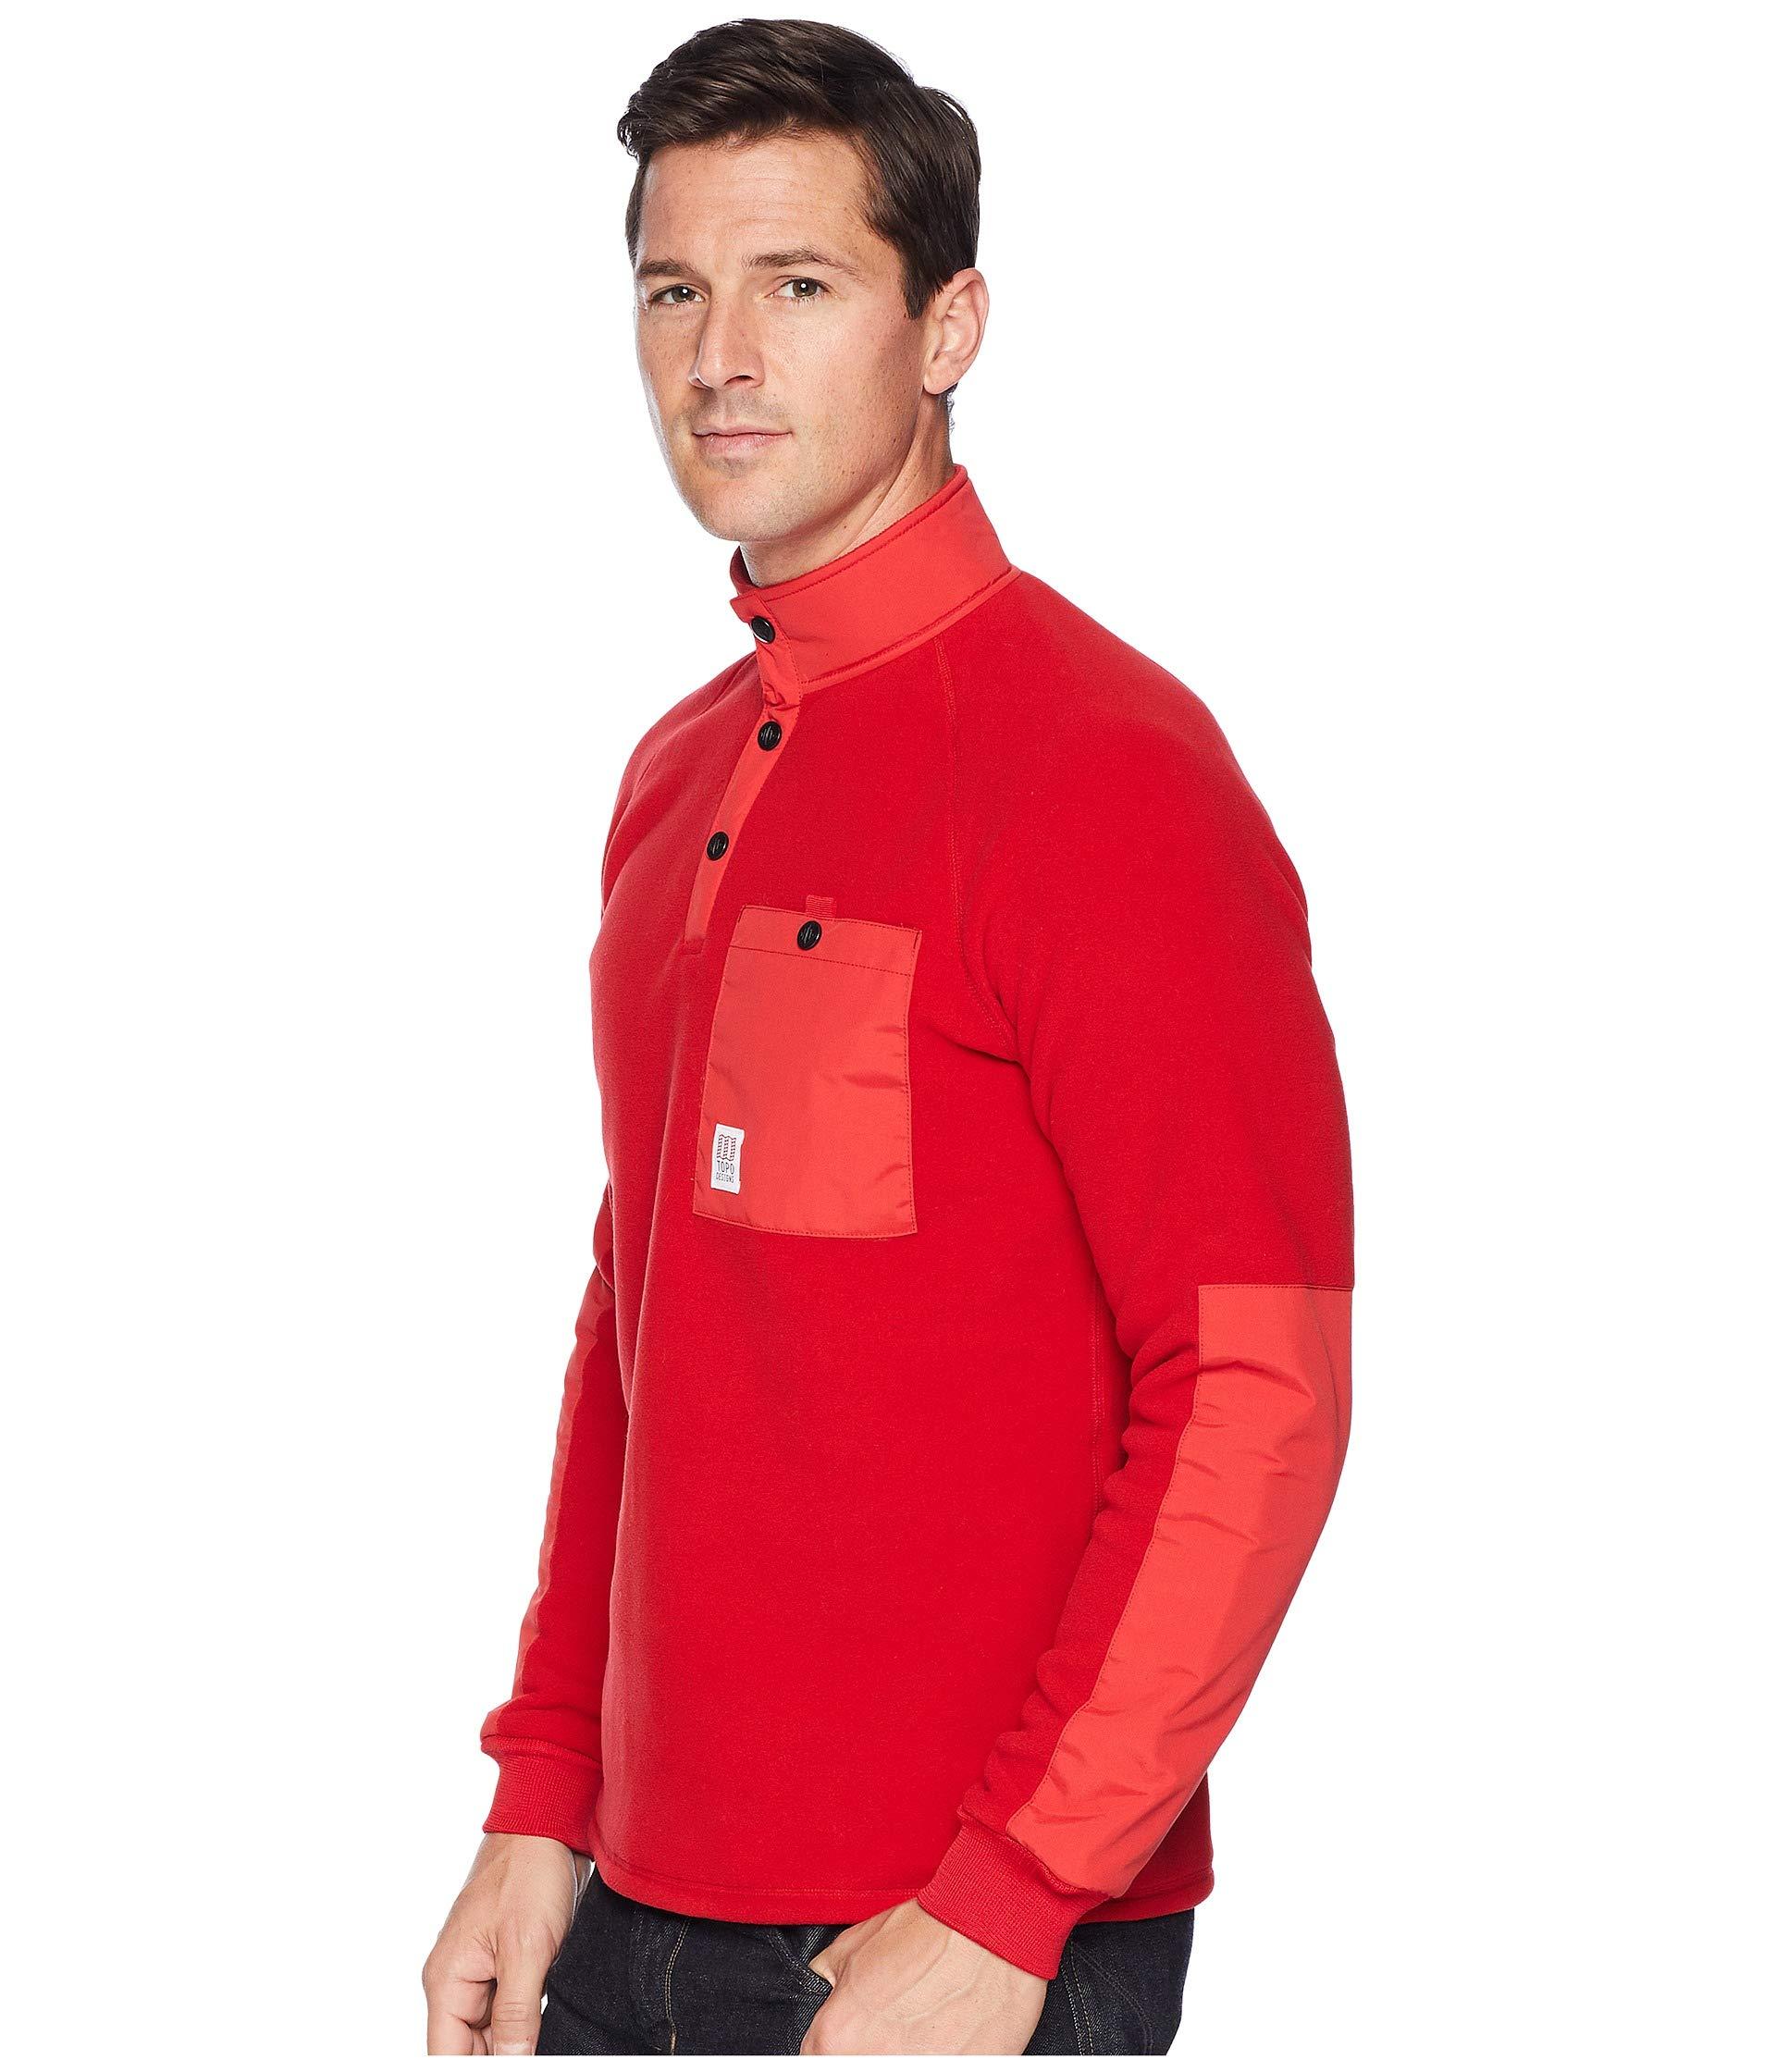 Mountain Topo Mountain Mountain Red Designs Designs Topo Fleece Topo Designs Red Fleece dCw5Fd